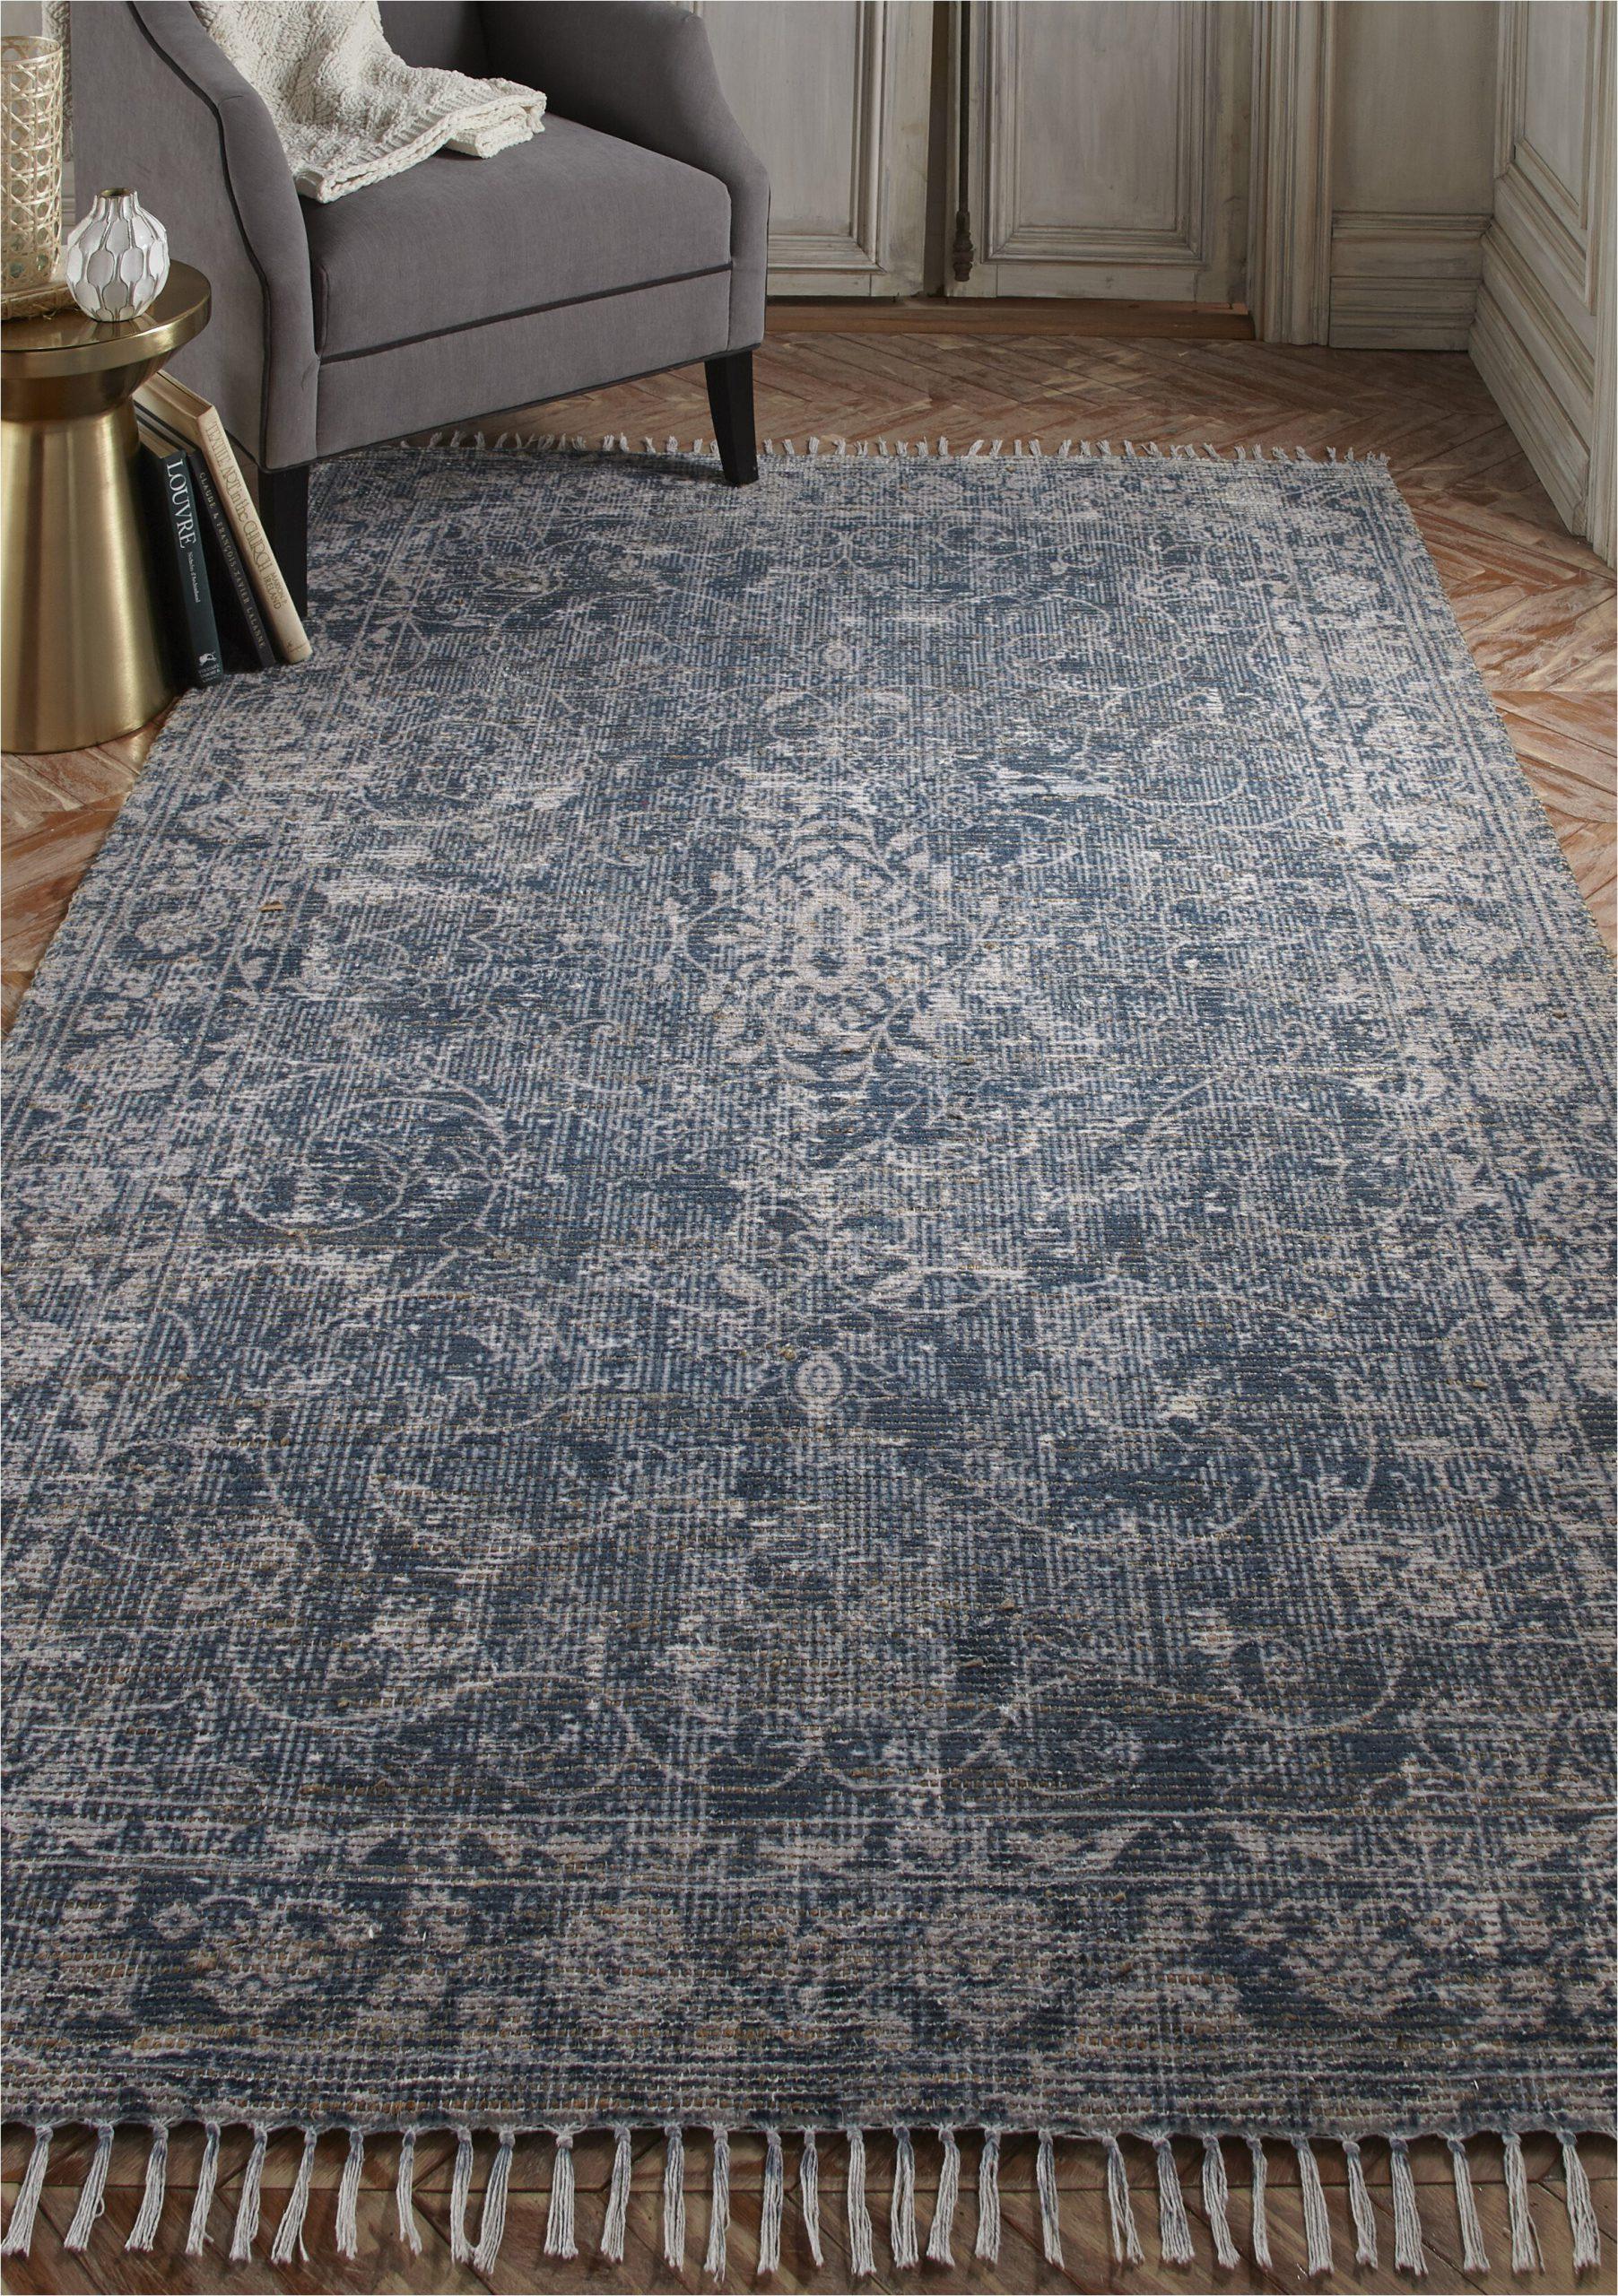 myrick hand knotted bluetan area rug